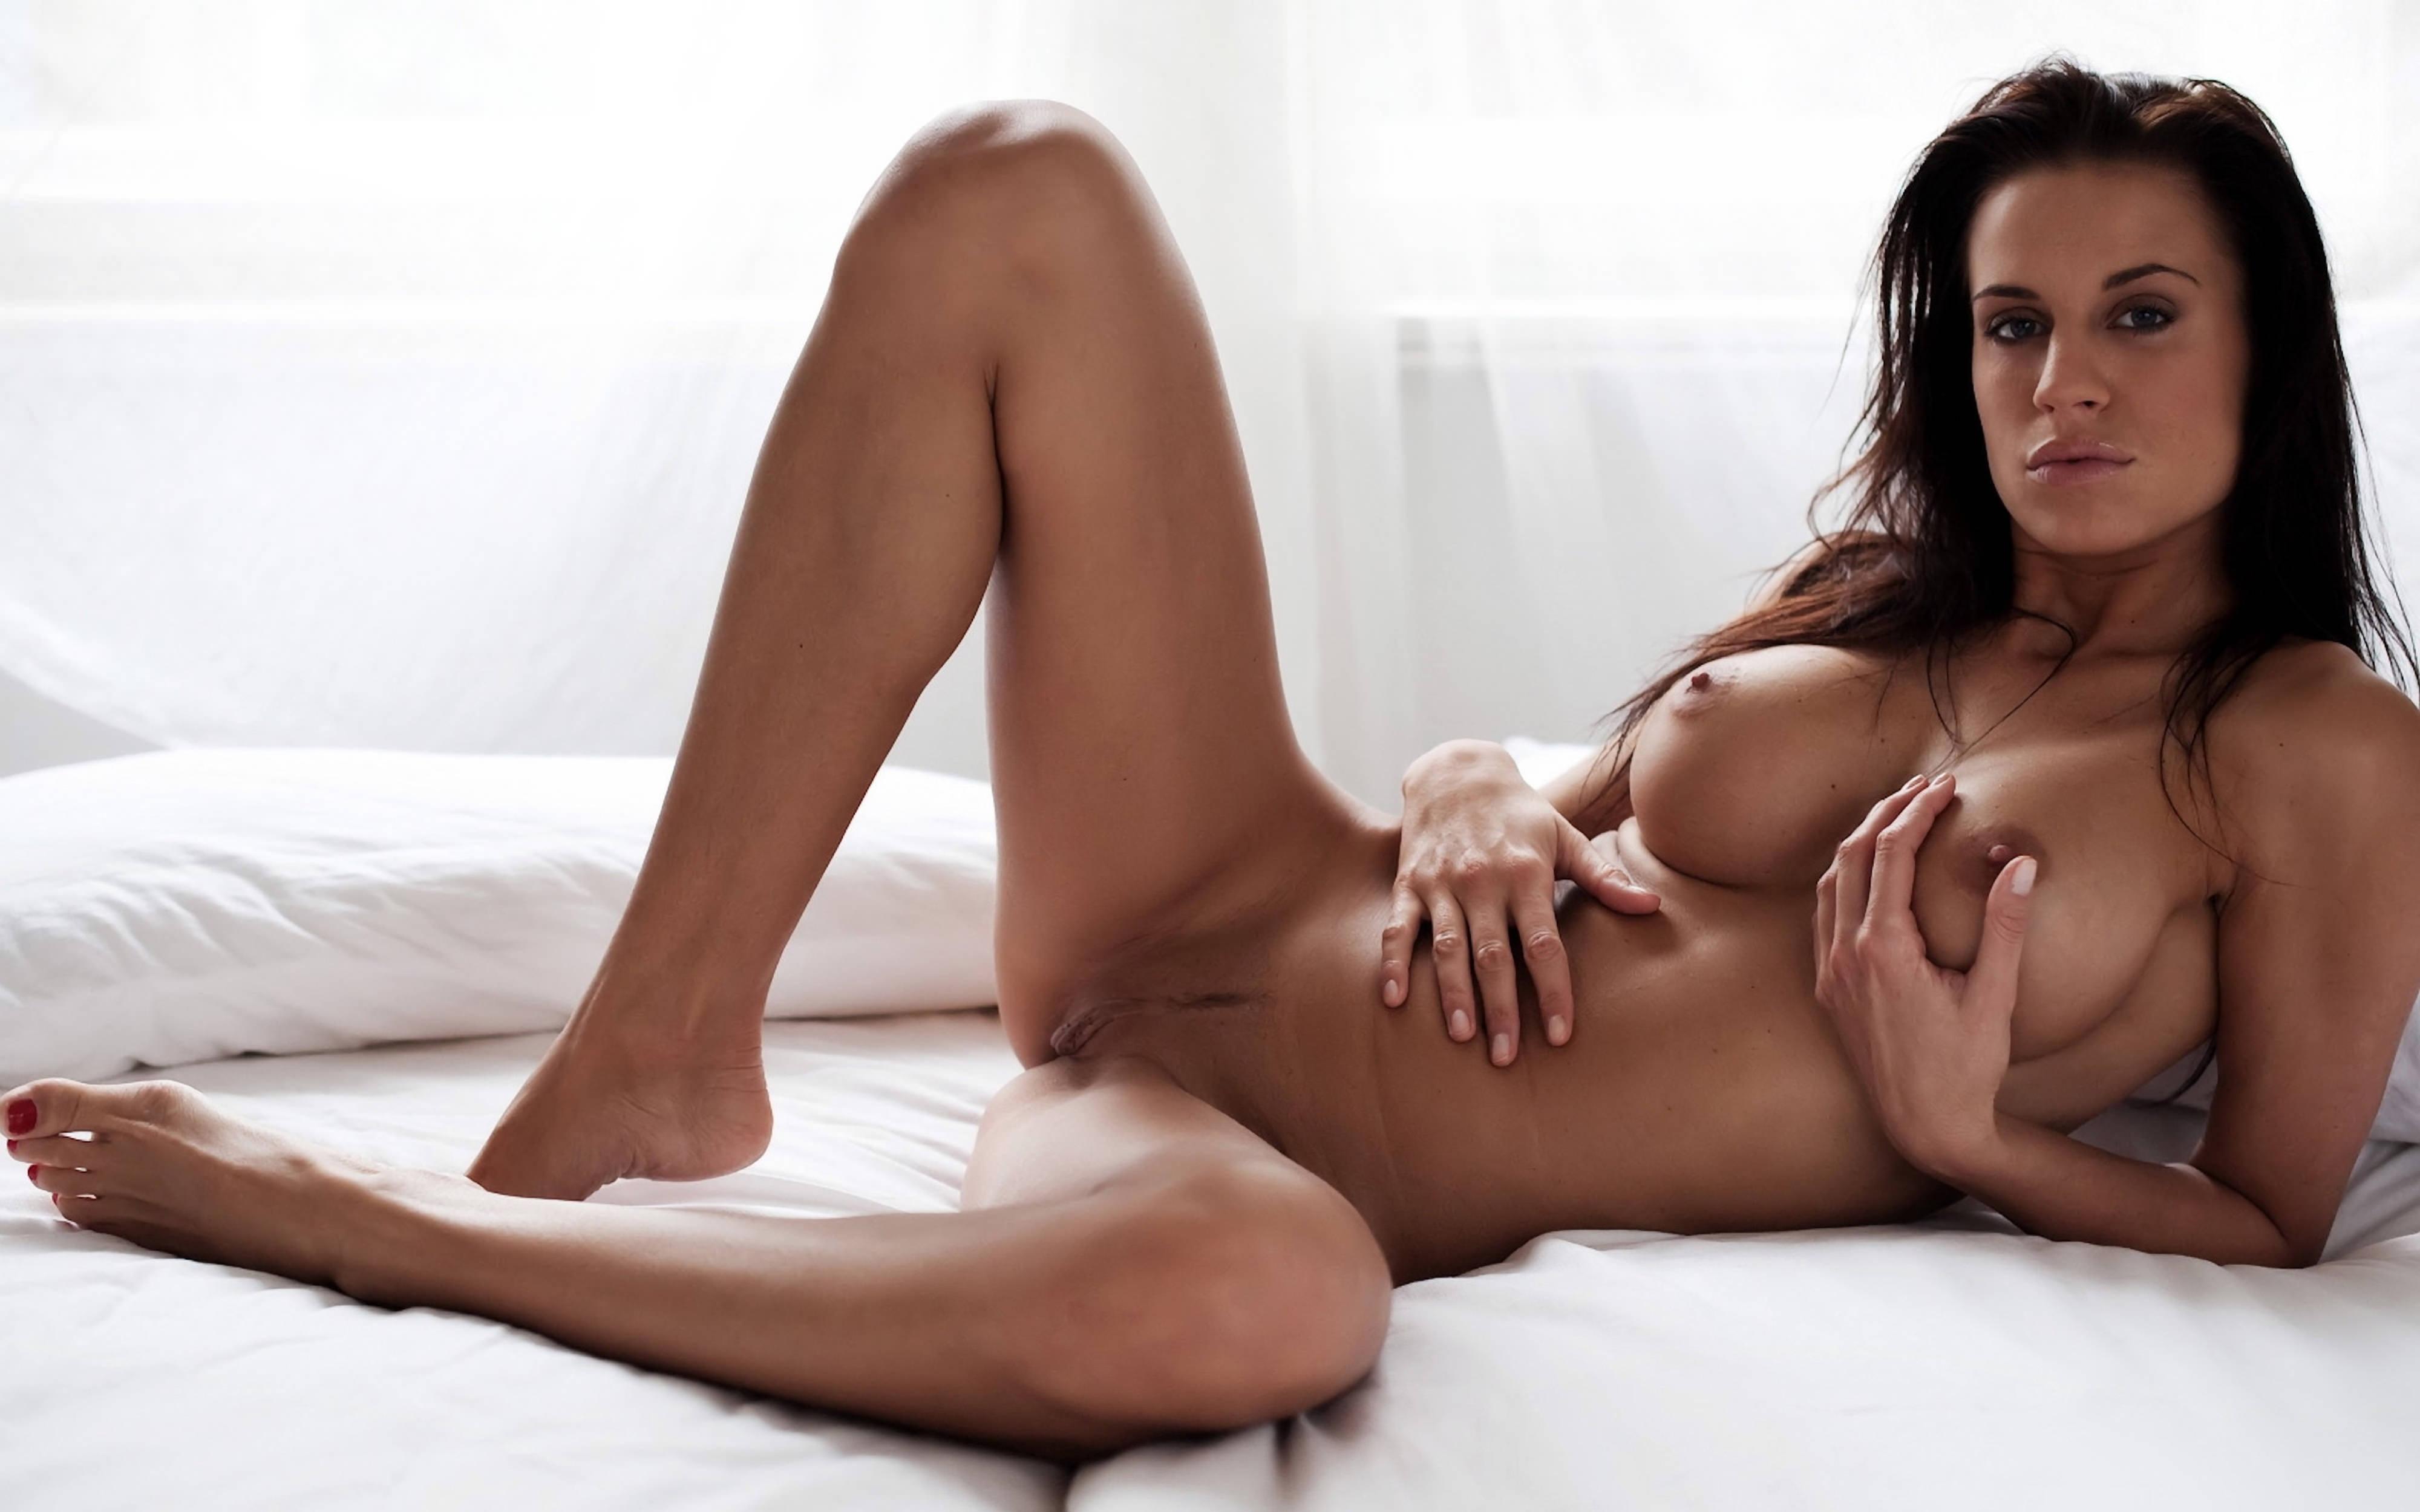 Секс Фото Обнаженных Женщин